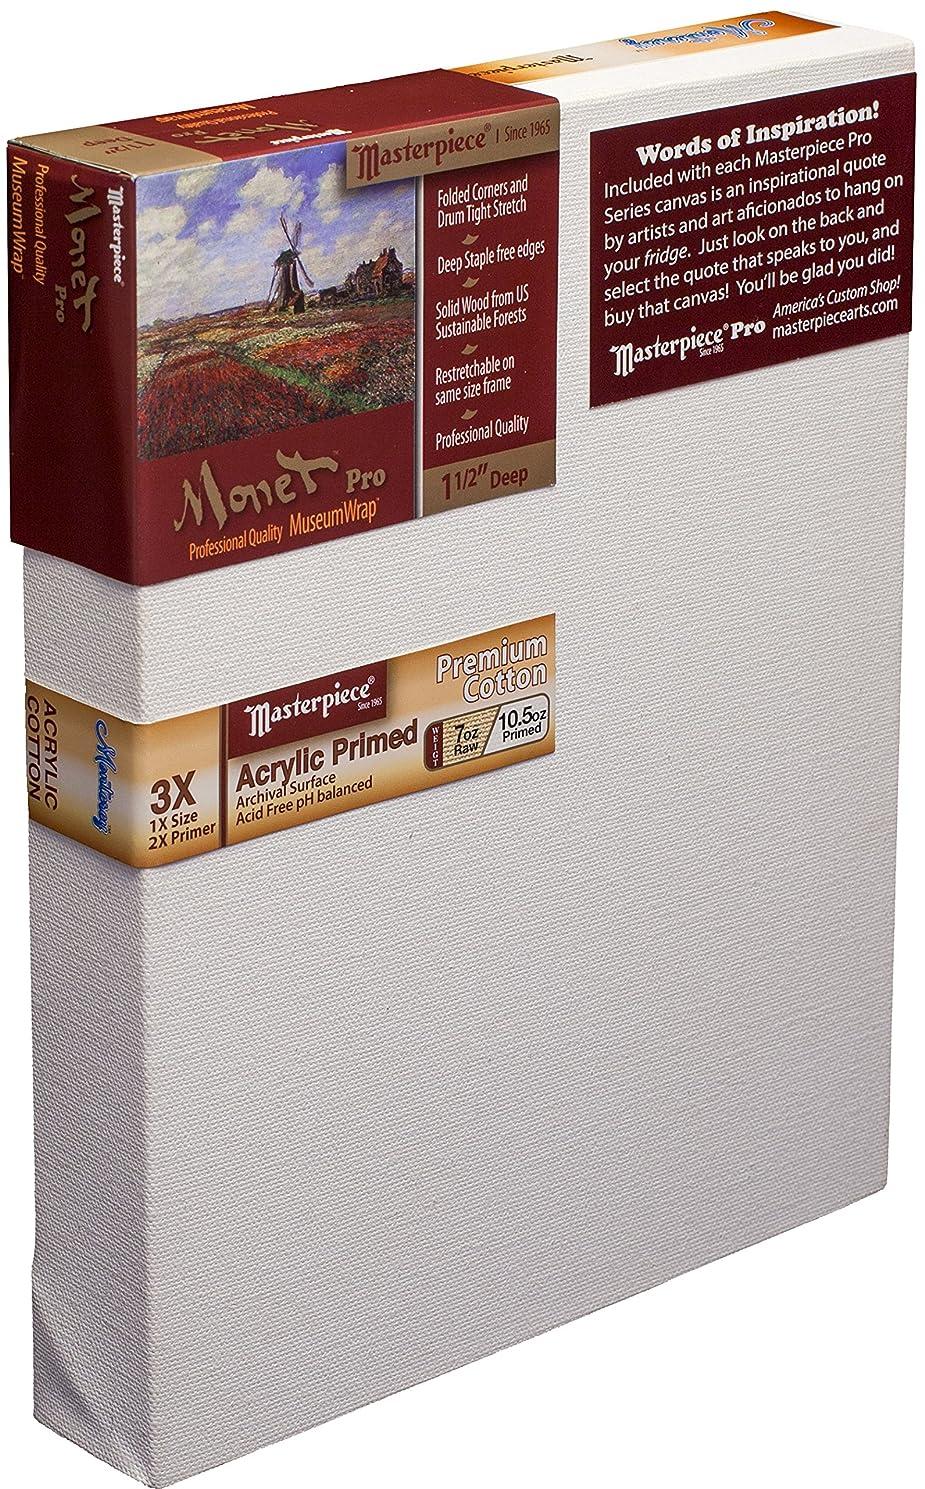 Masterpiece Artist Canvas 43018 Monet PRO 1-1/2